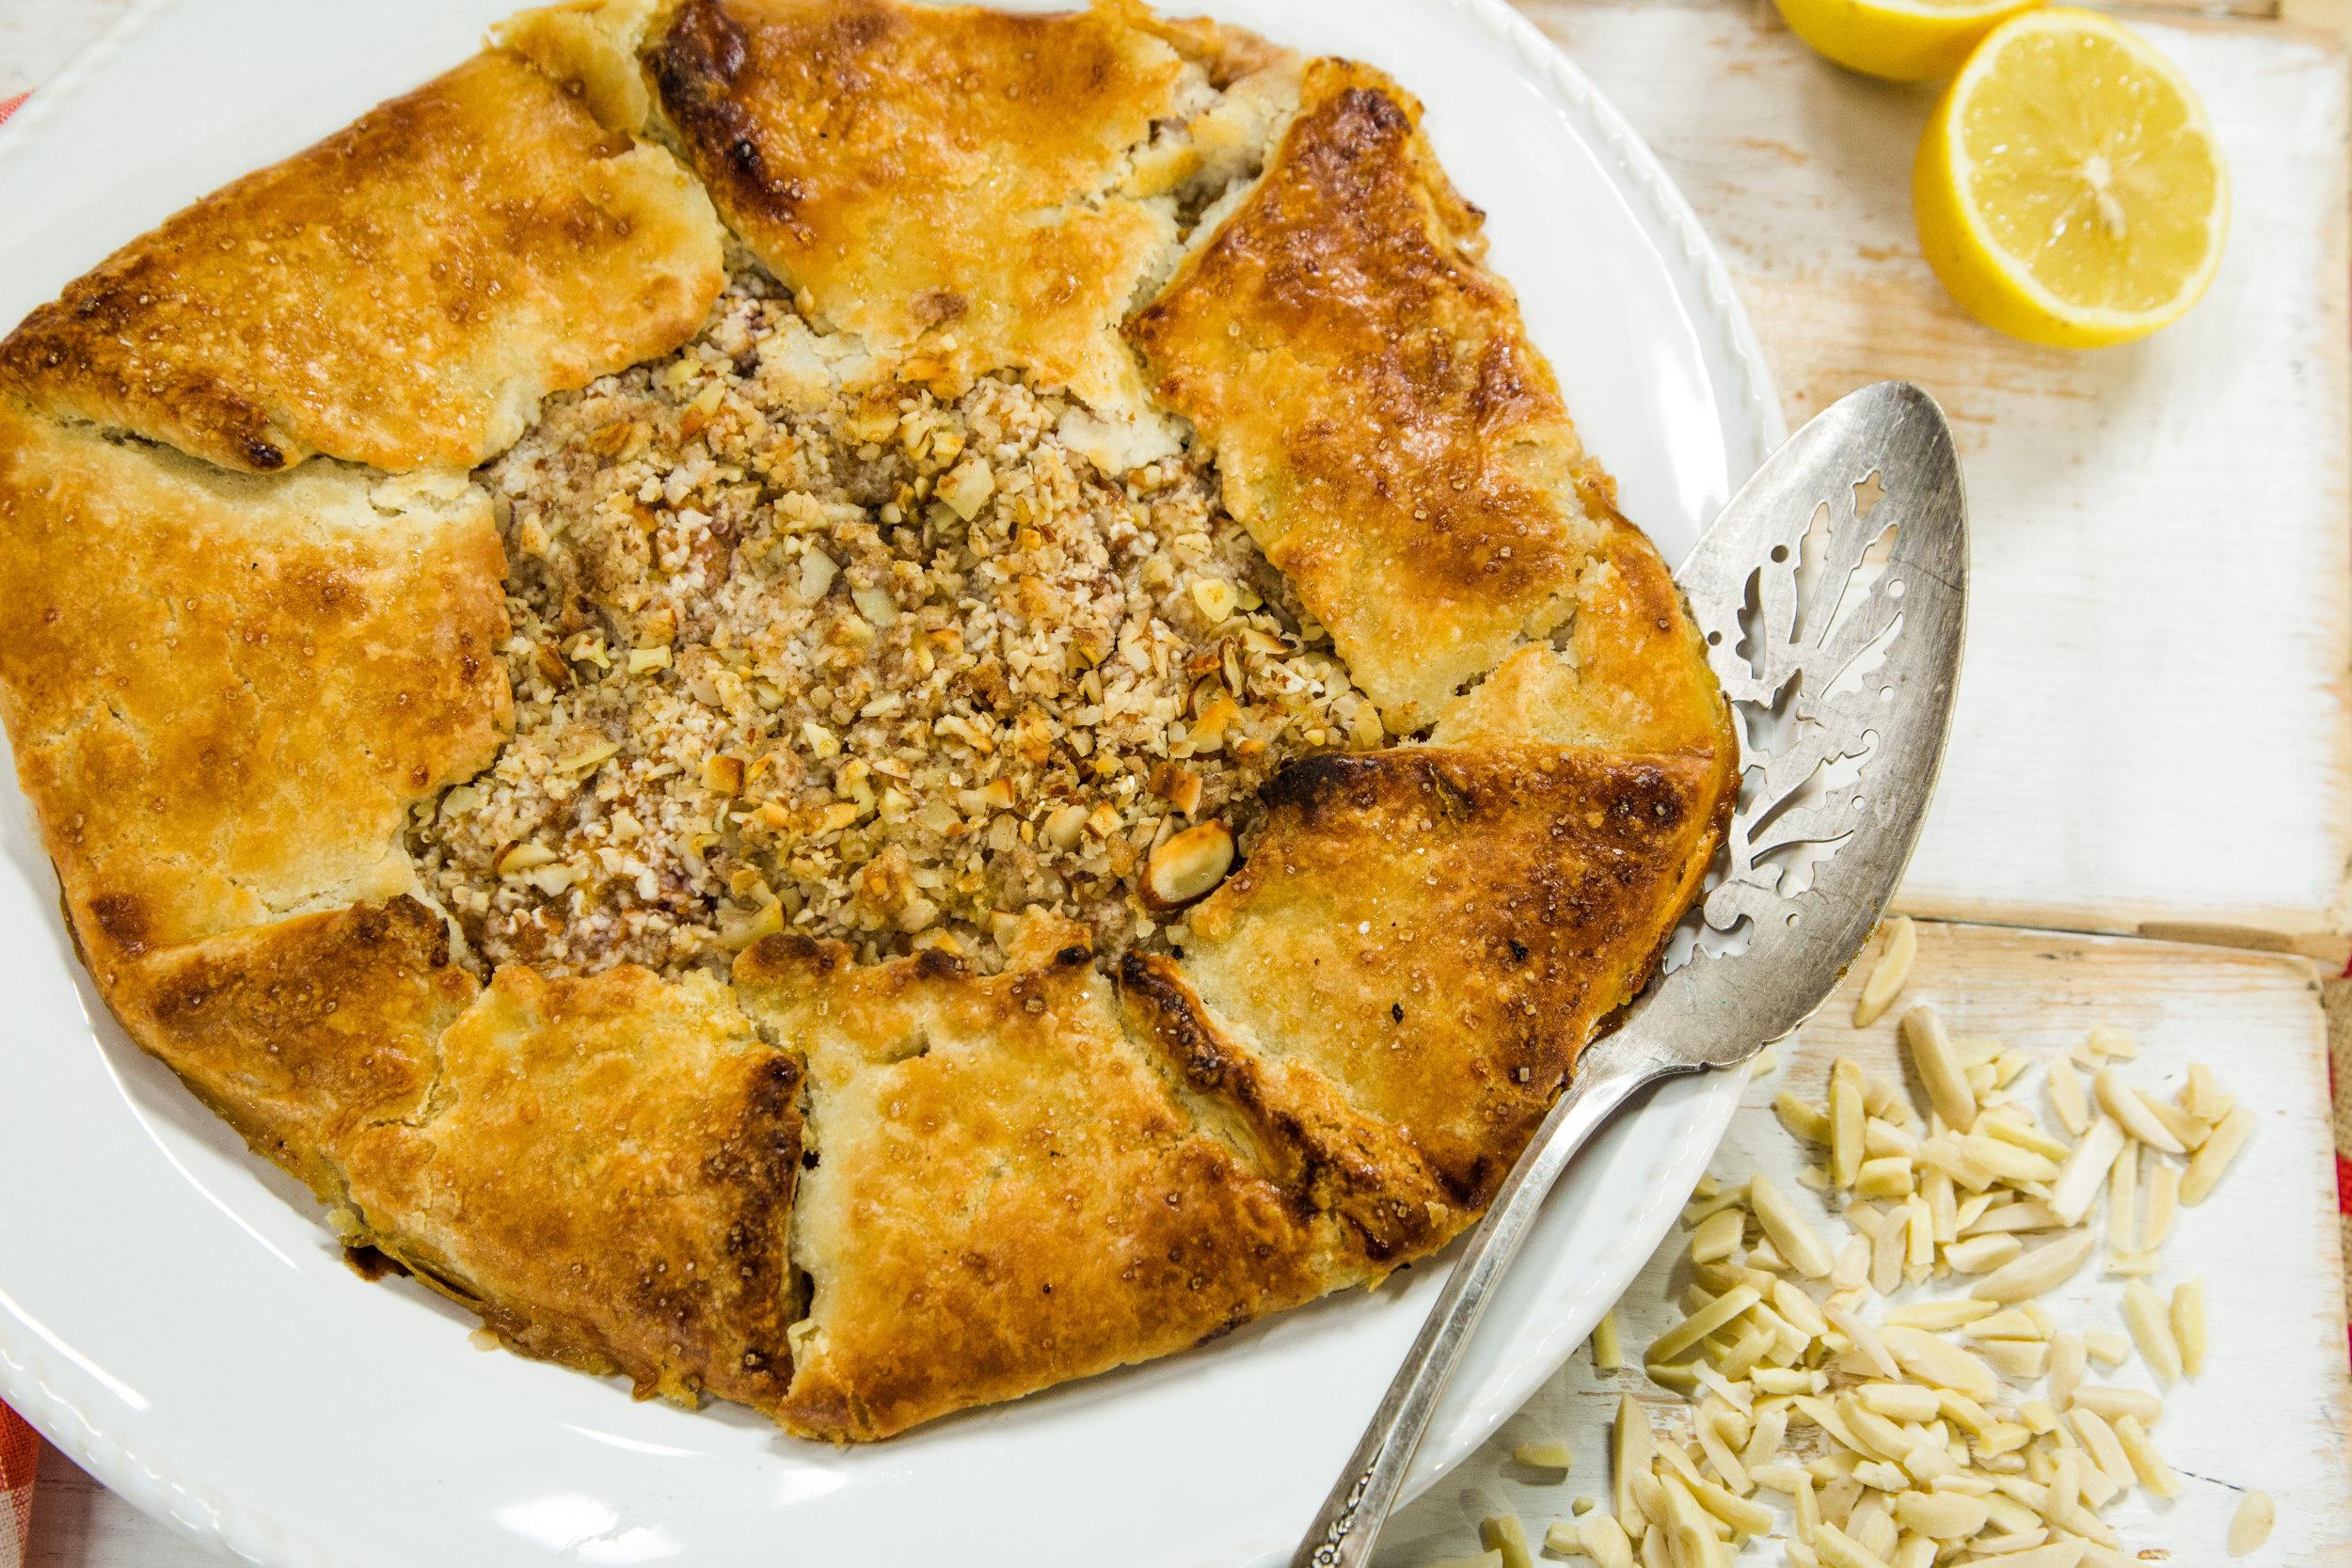 Recipes - Home & Family: Peach Crostata | Hallmark Channel